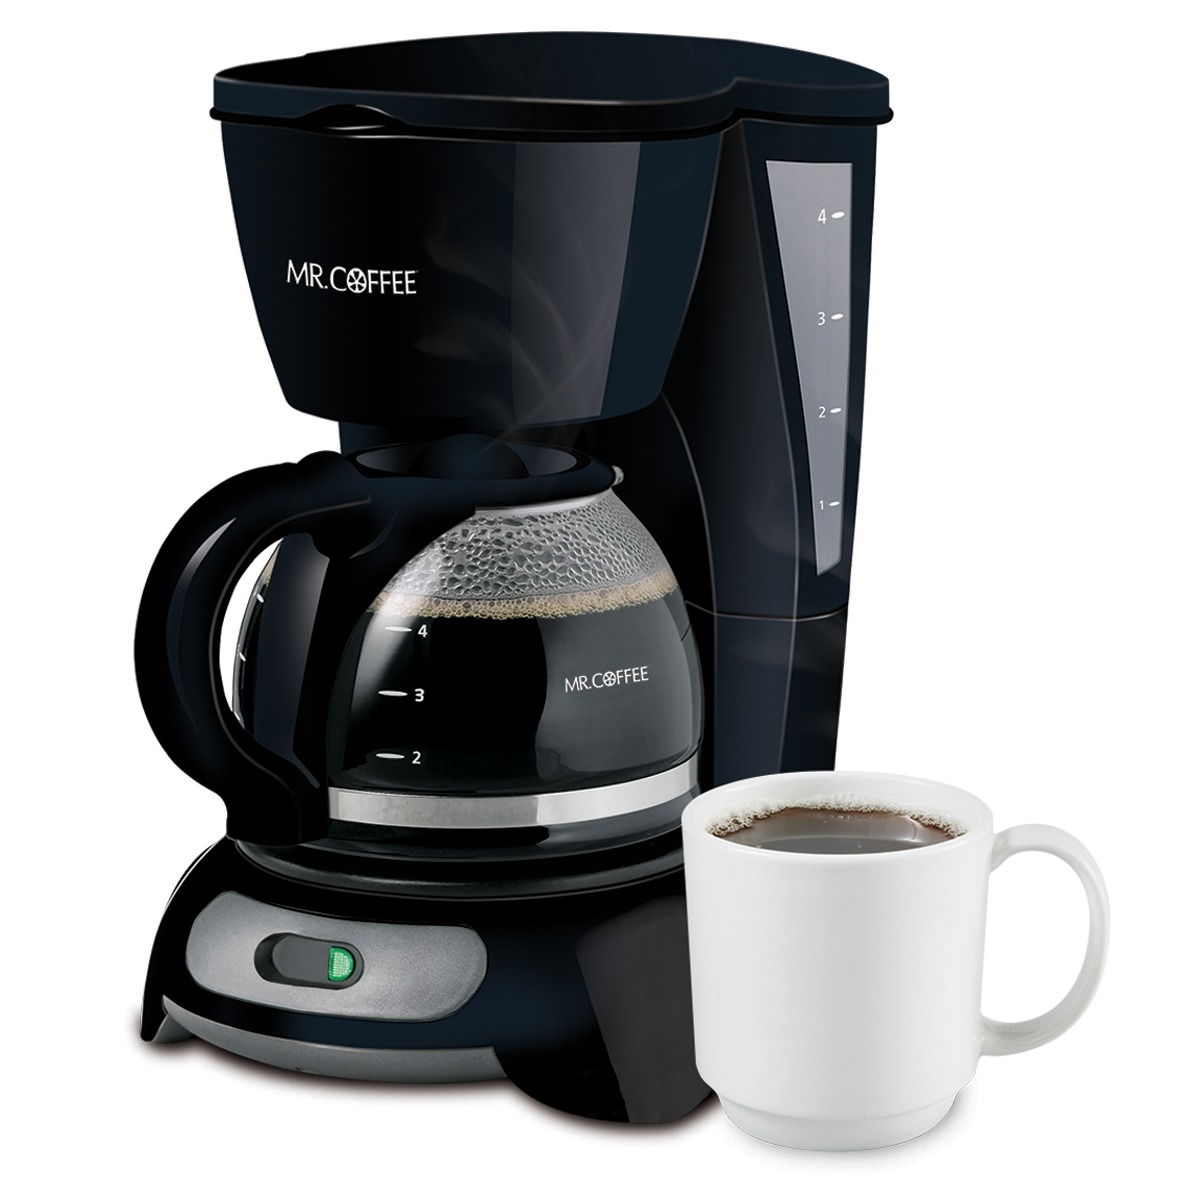 Cafetera Mr Coffee 4 Tazas Nueva Original   99000 en